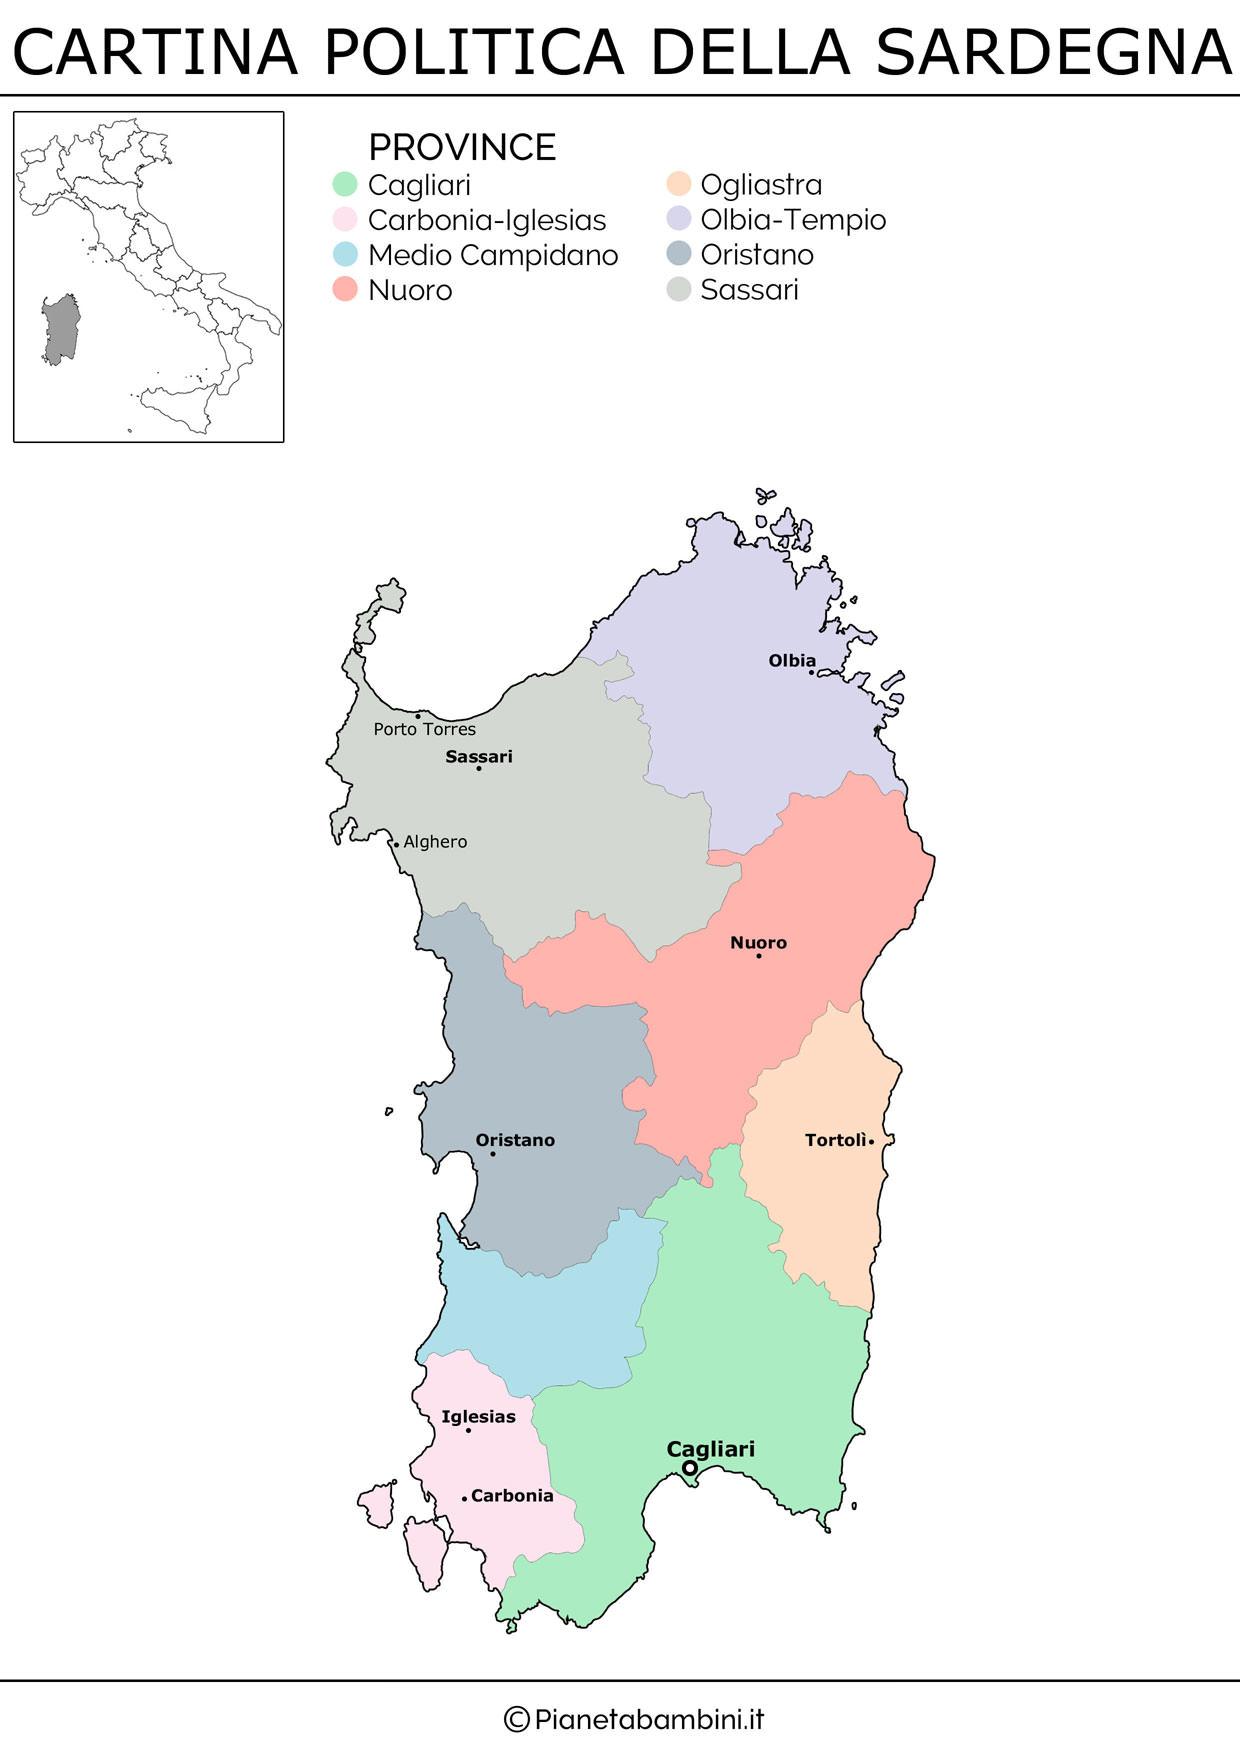 Cartina della Sardegna in versione politica da stampare gratis